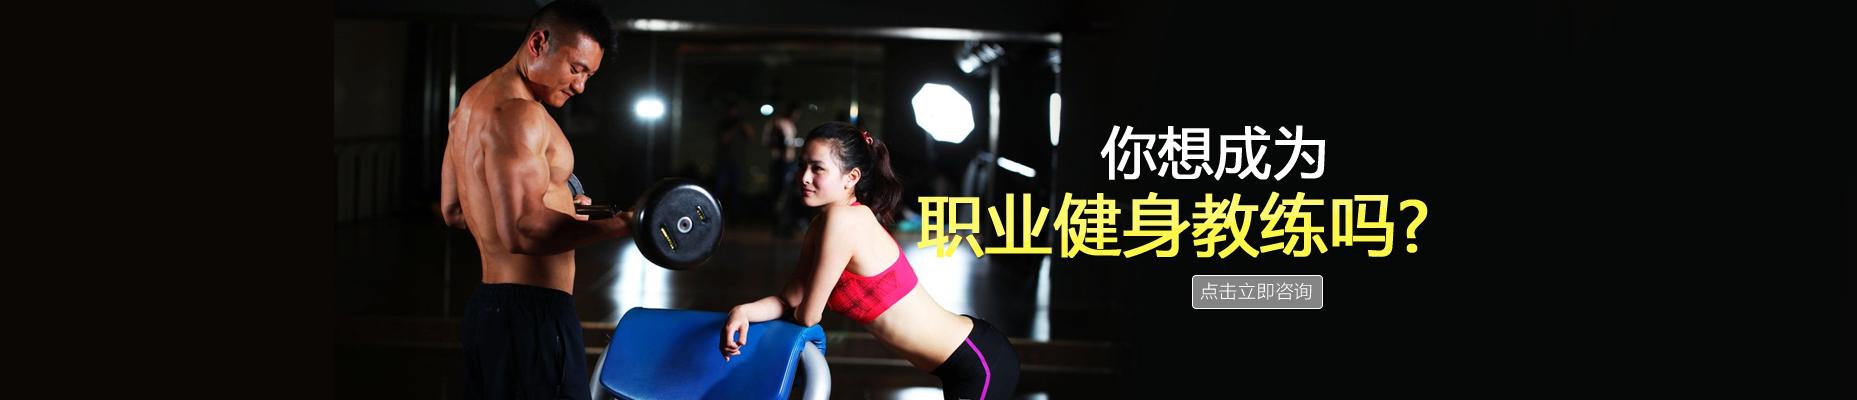 西安创体健身学院 横幅广告